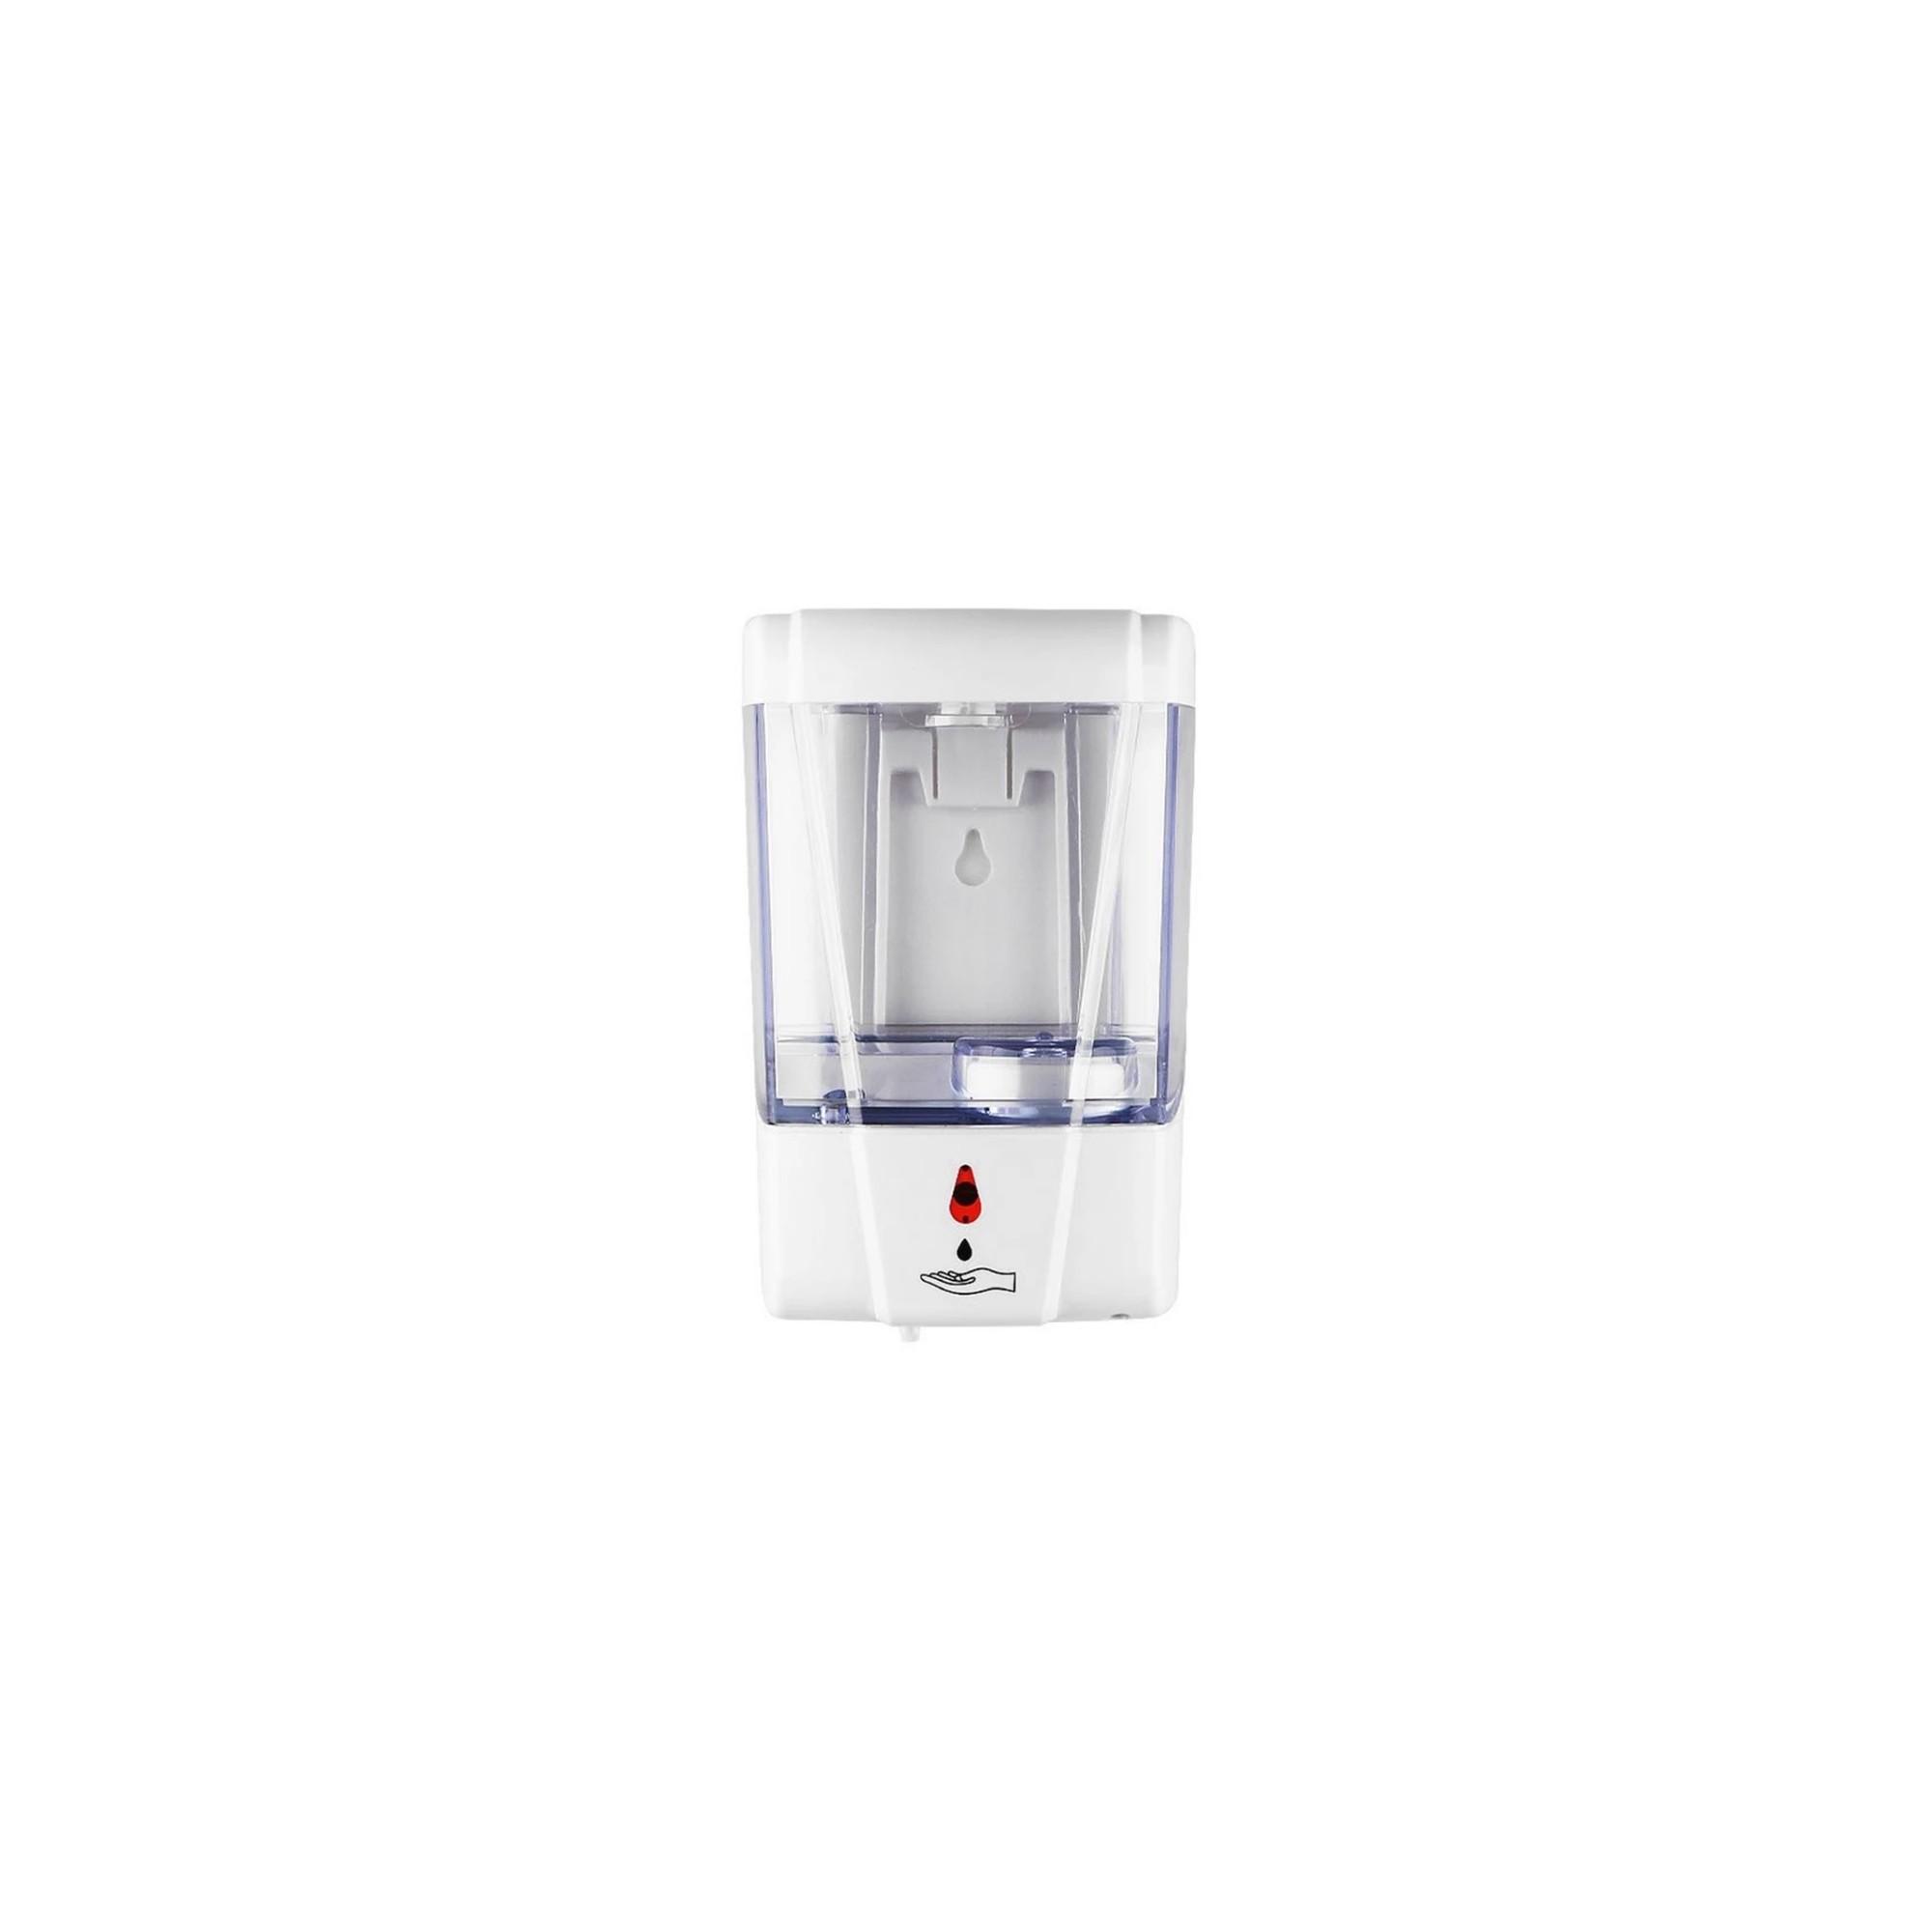 Дозатор для жидкого мыла сенсорный, настенный, 700 мл Z-103 J.G. - 1